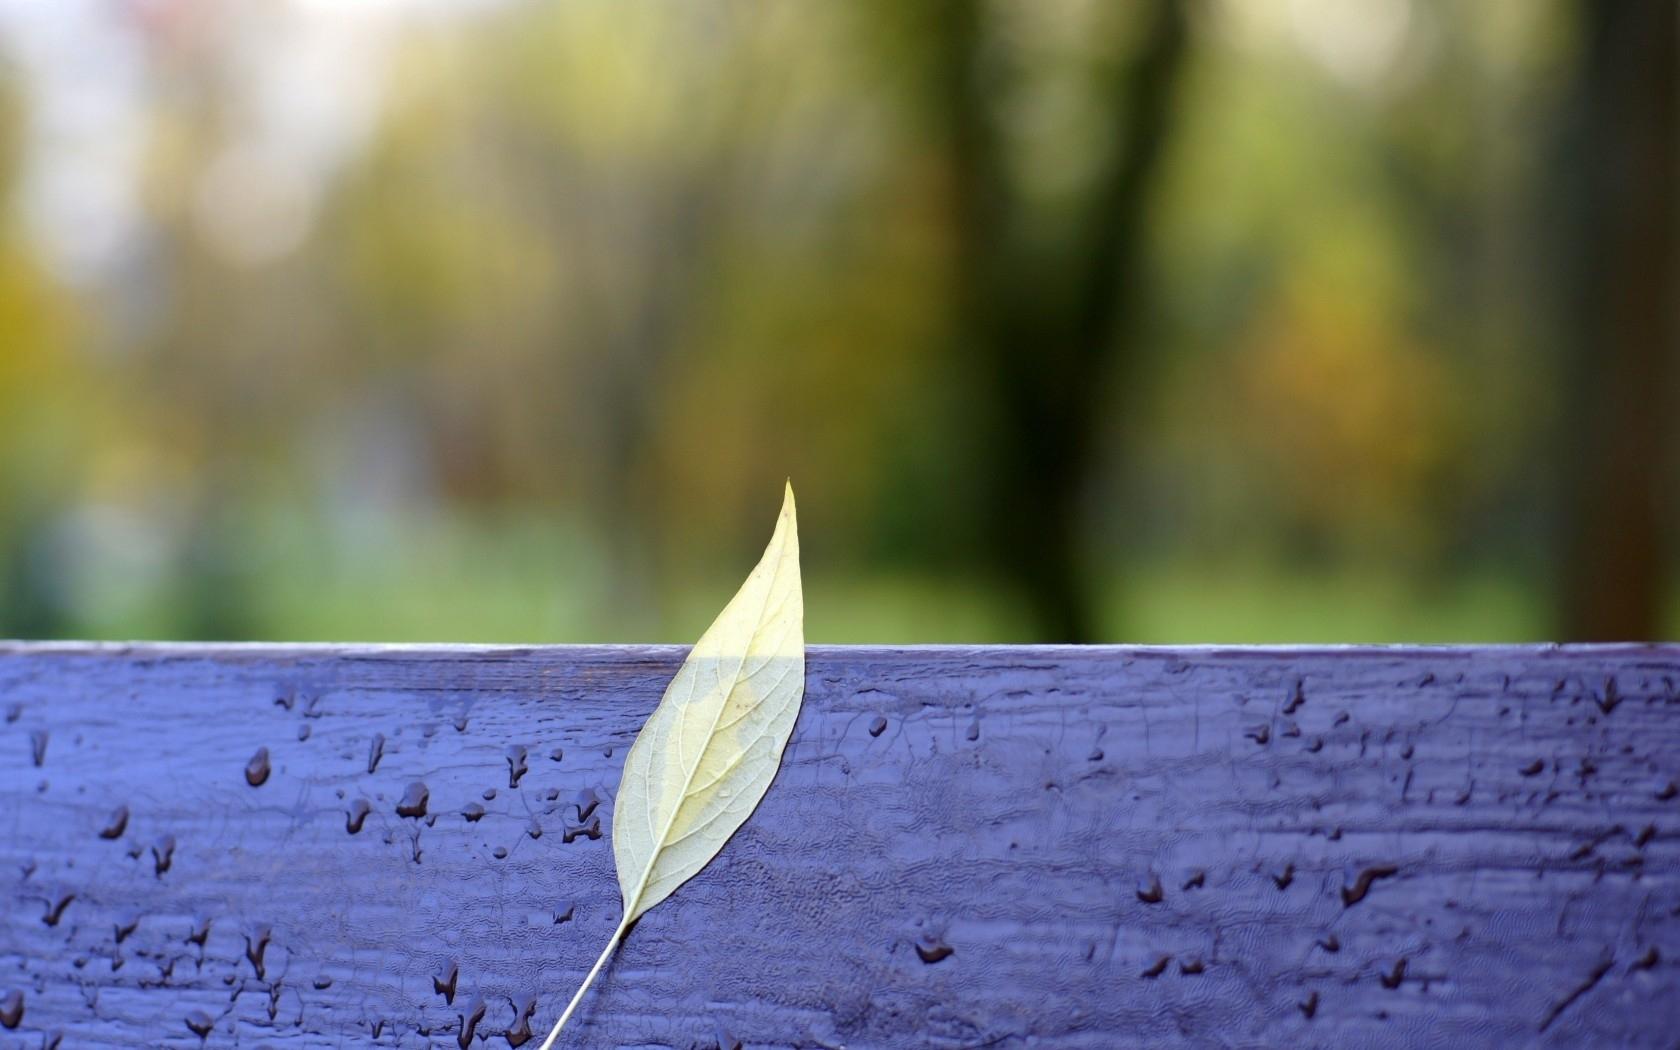 Скачать картинку Листья, Капли, Пейзаж, Растения в телефон бесплатно.